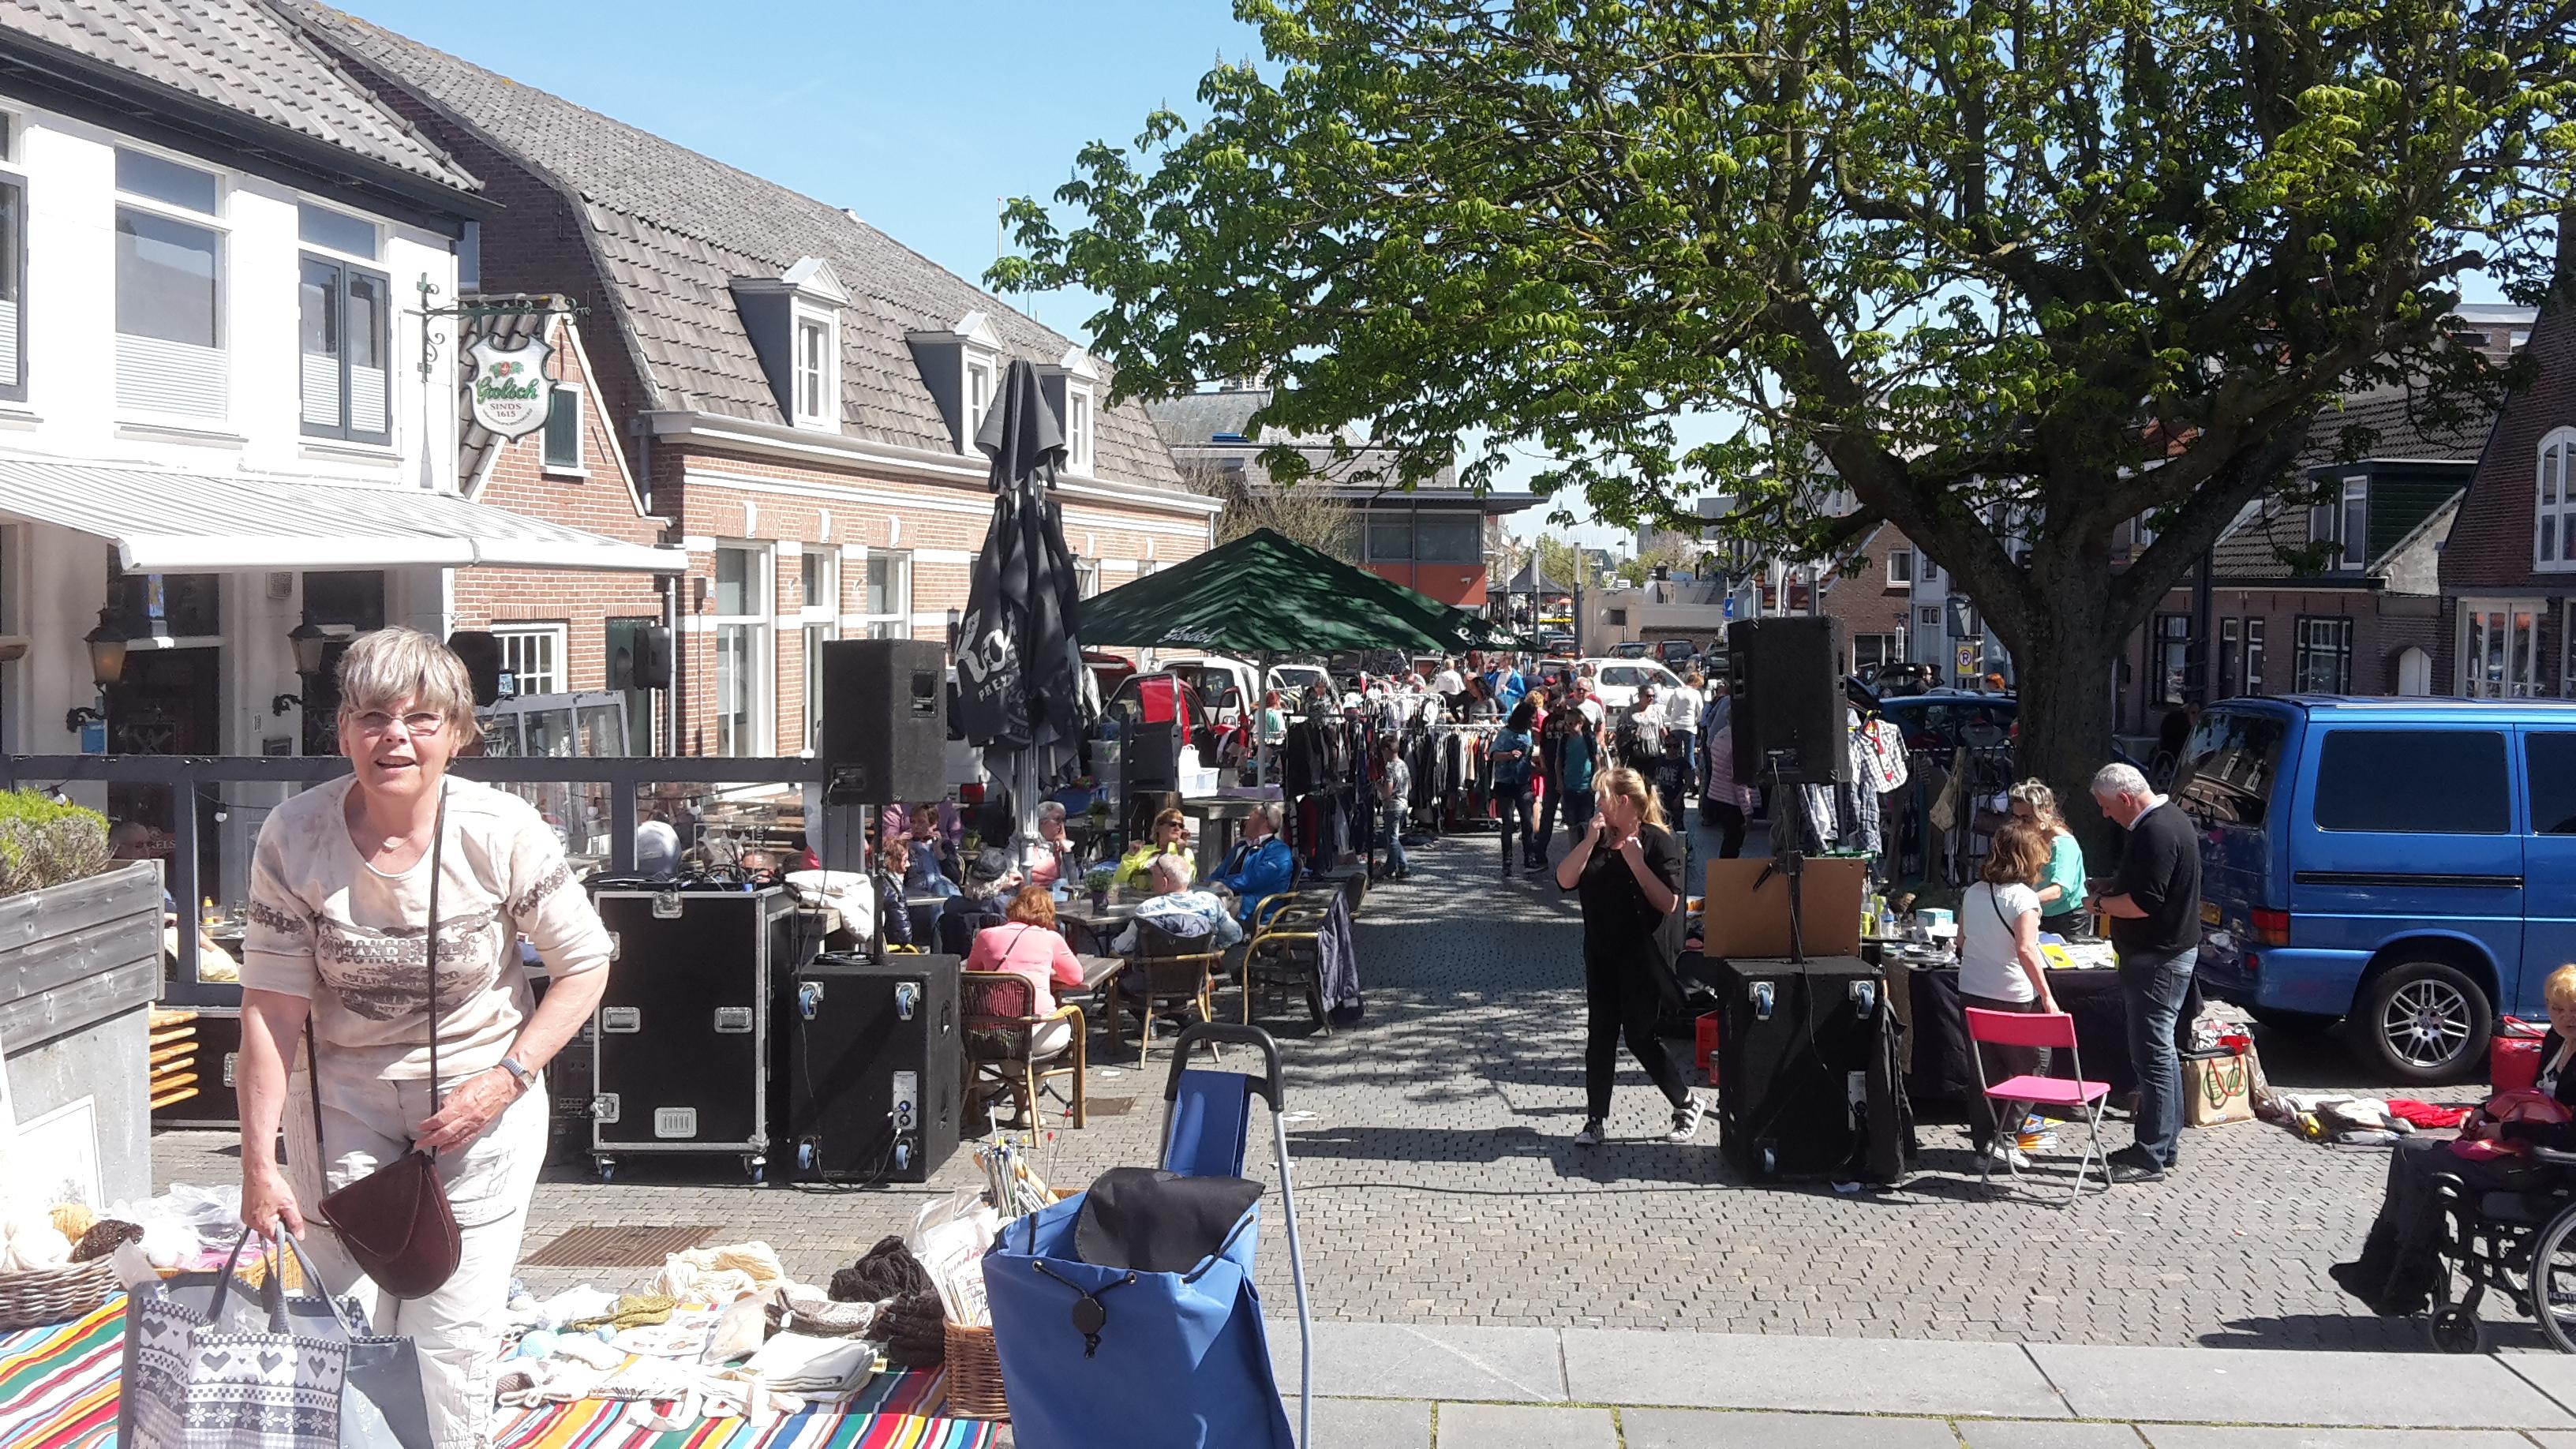 Jutterskofferbakmarkt Is Herkansing Voor Vrijmarkt Zandvoort